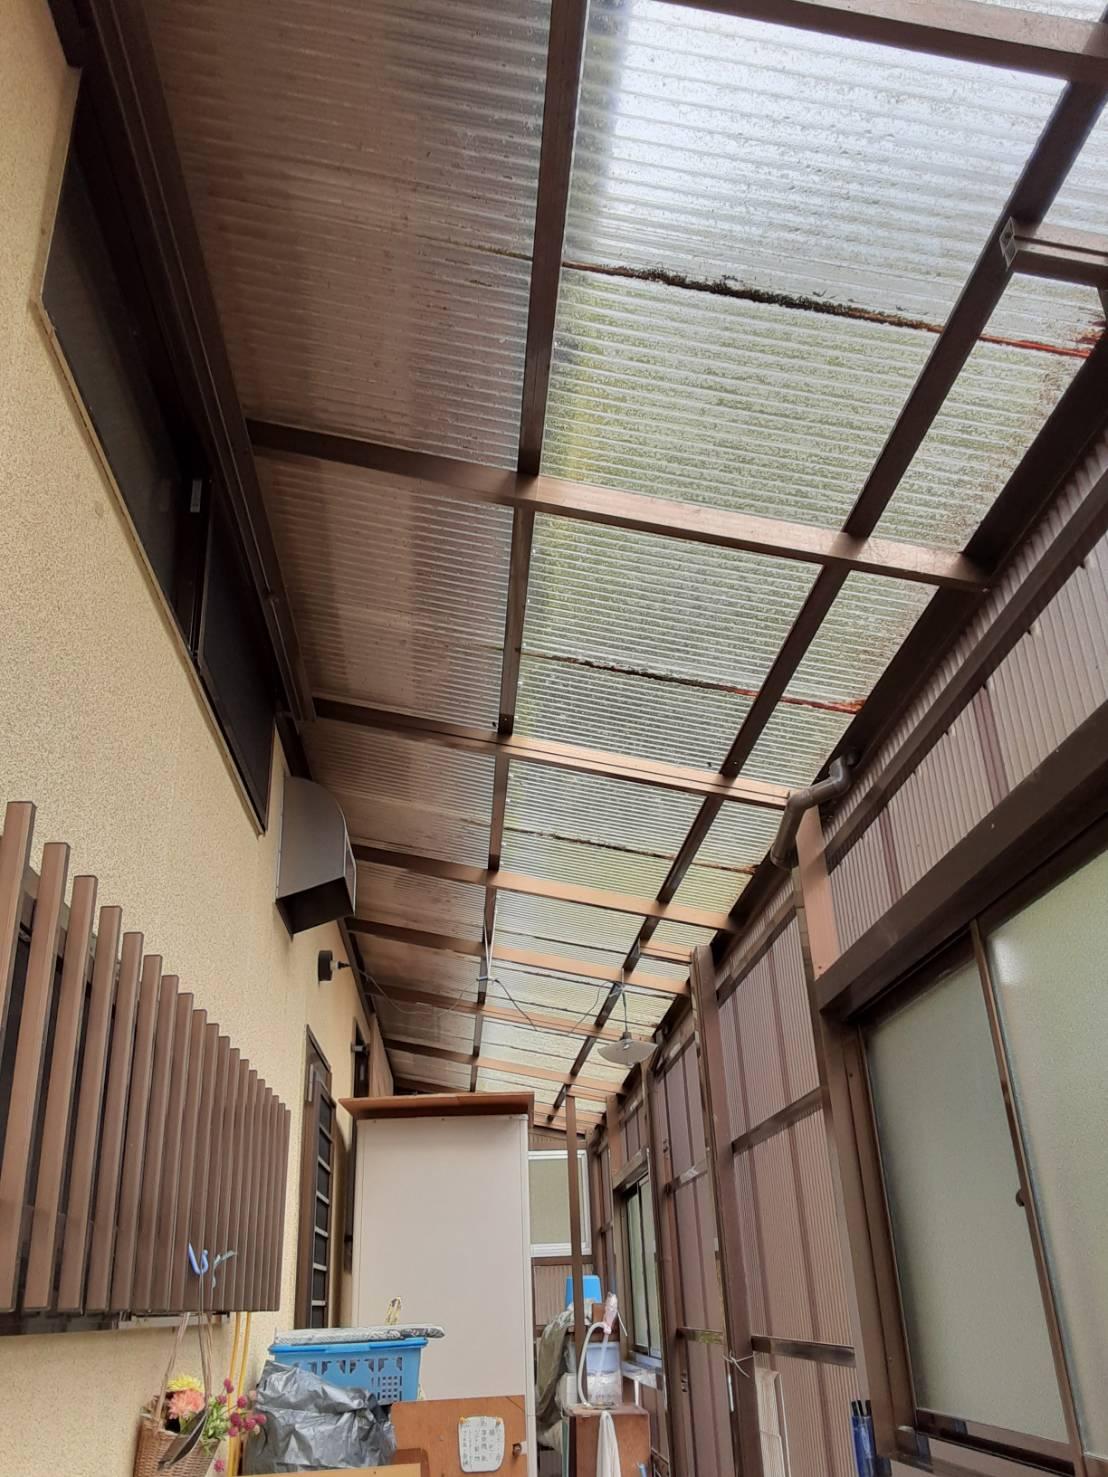 ギャラリーパティオのテラス囲い 波板交換の施工前の写真2